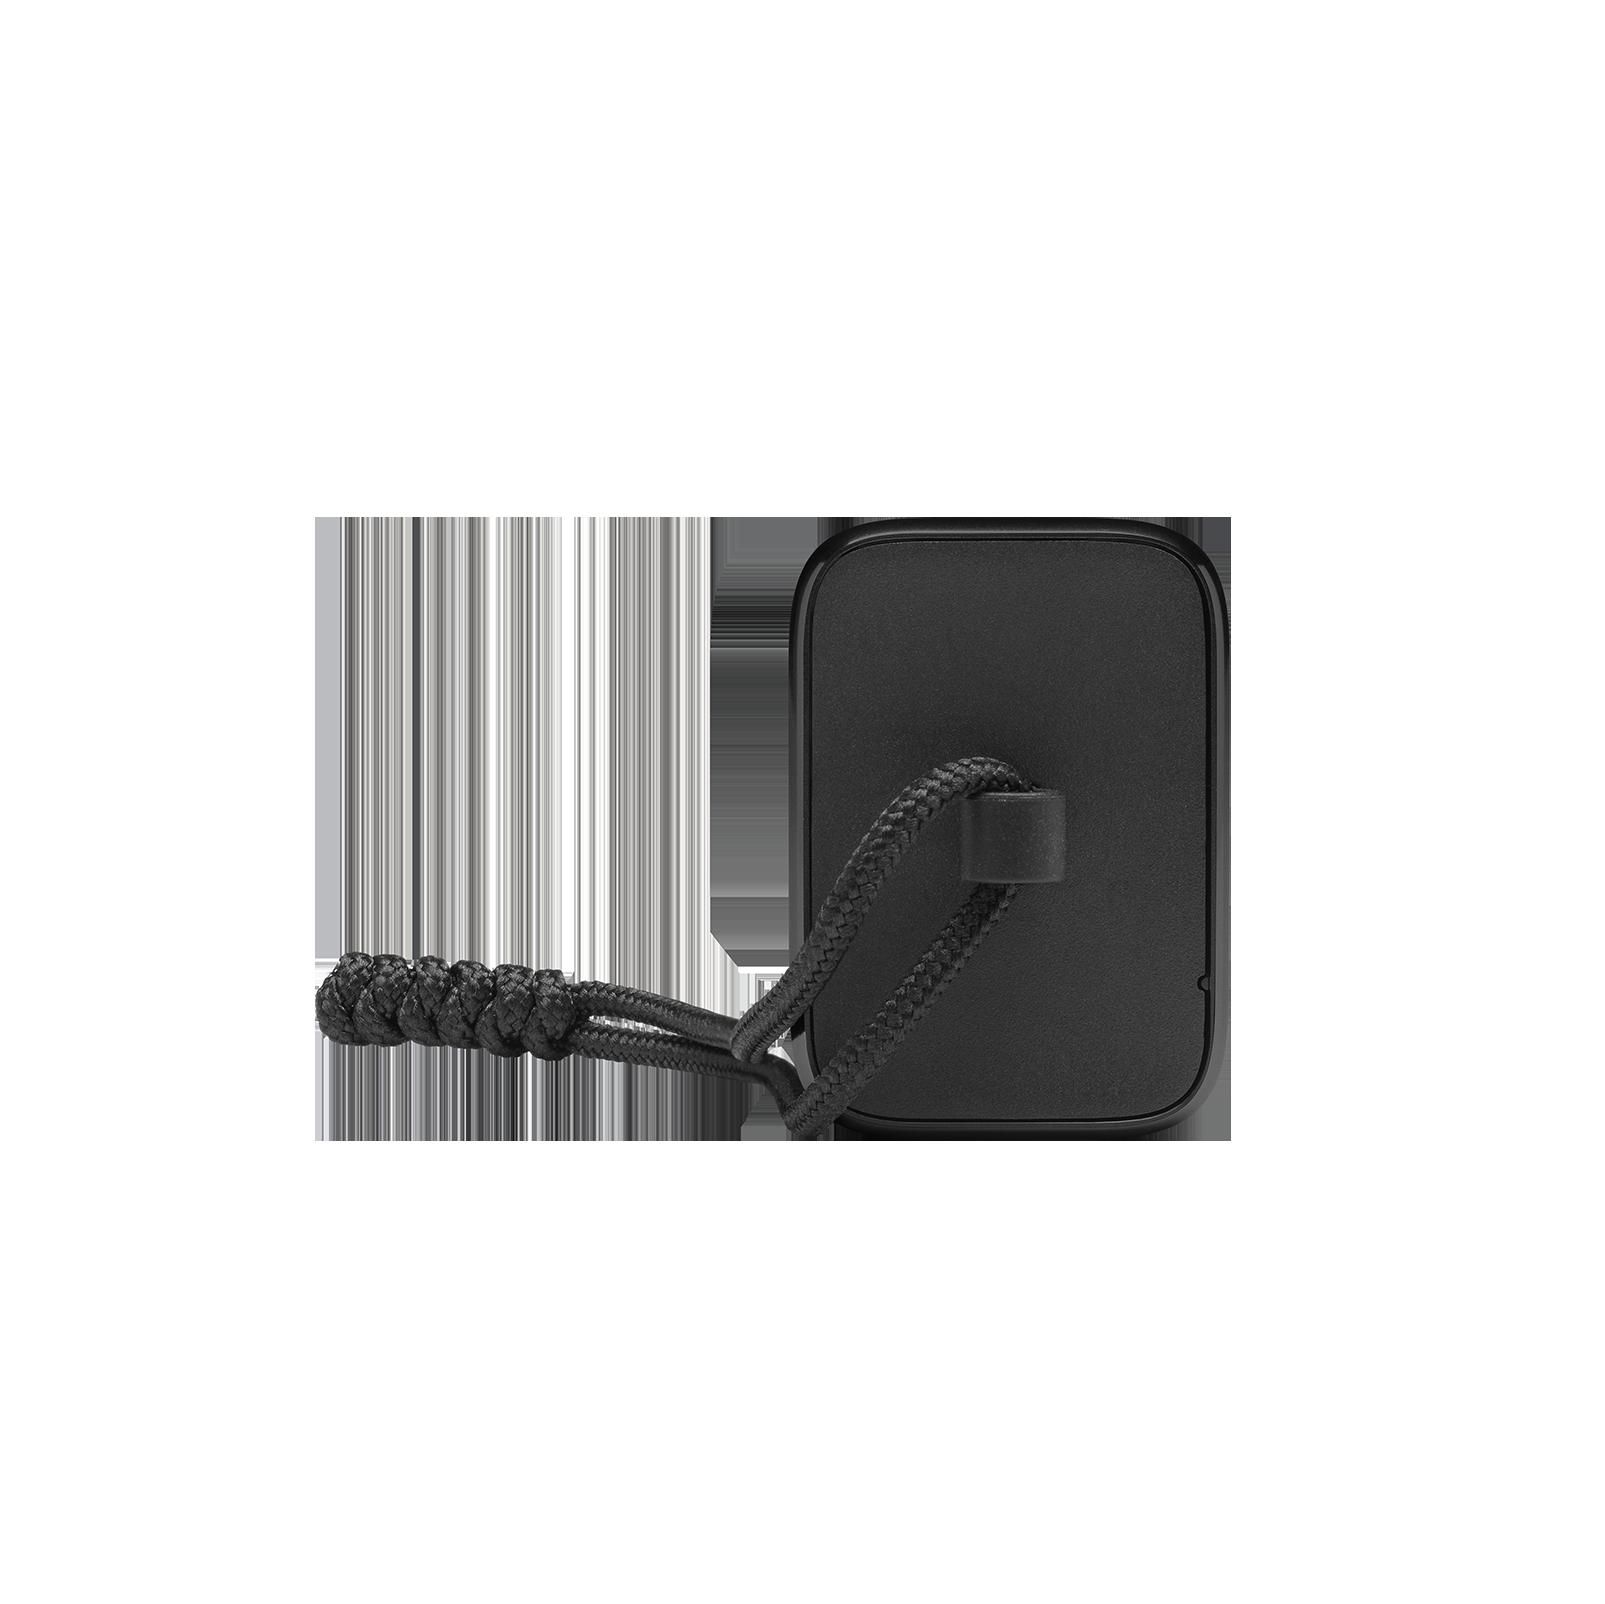 UA True Wireless Flash X - Engineered by JBL - Black - Waterproof true wireless sport earbuds - Detailshot 8